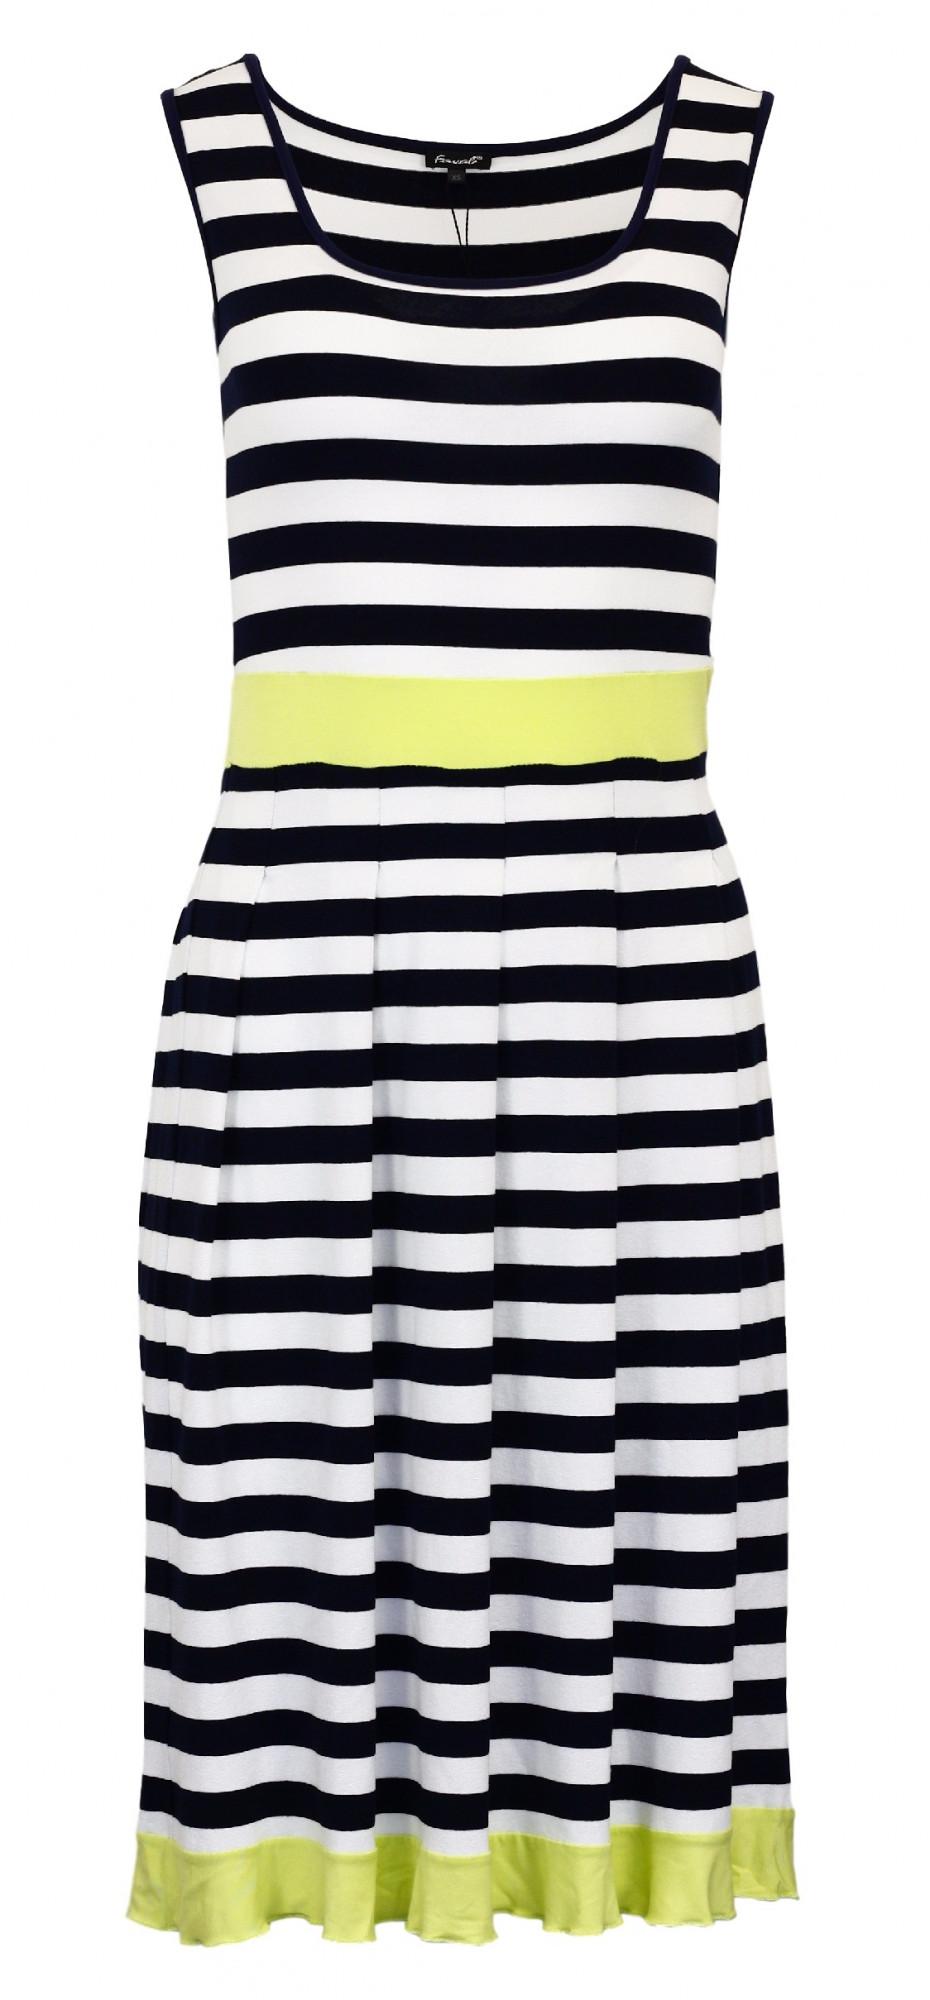 Dámské letní šaty Lana Mod Essed - Favab námořní pruhy XS